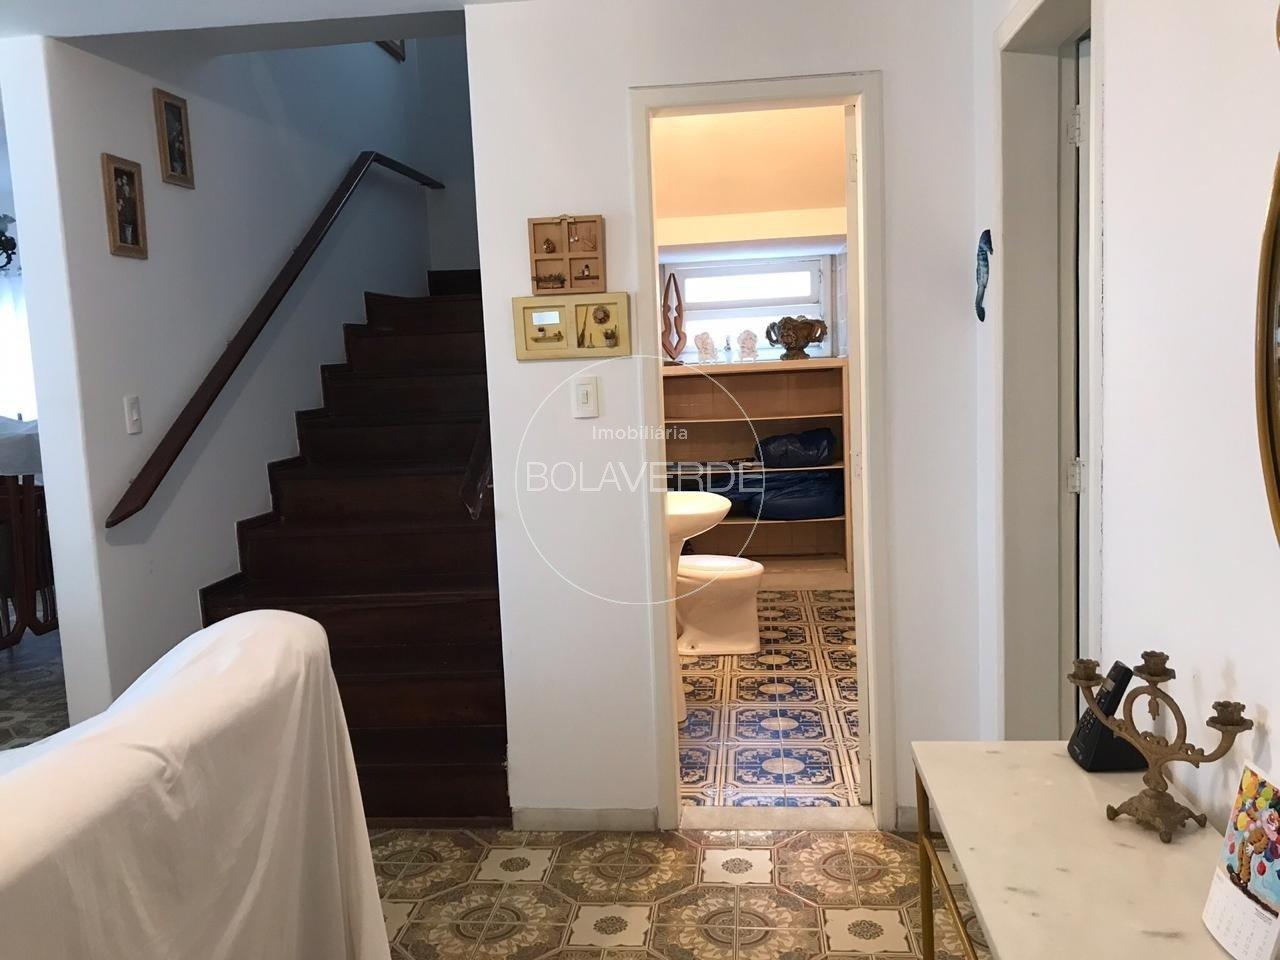 Casa à venda de 4 dormitórios no Pioneiros em Balneário Camboriú